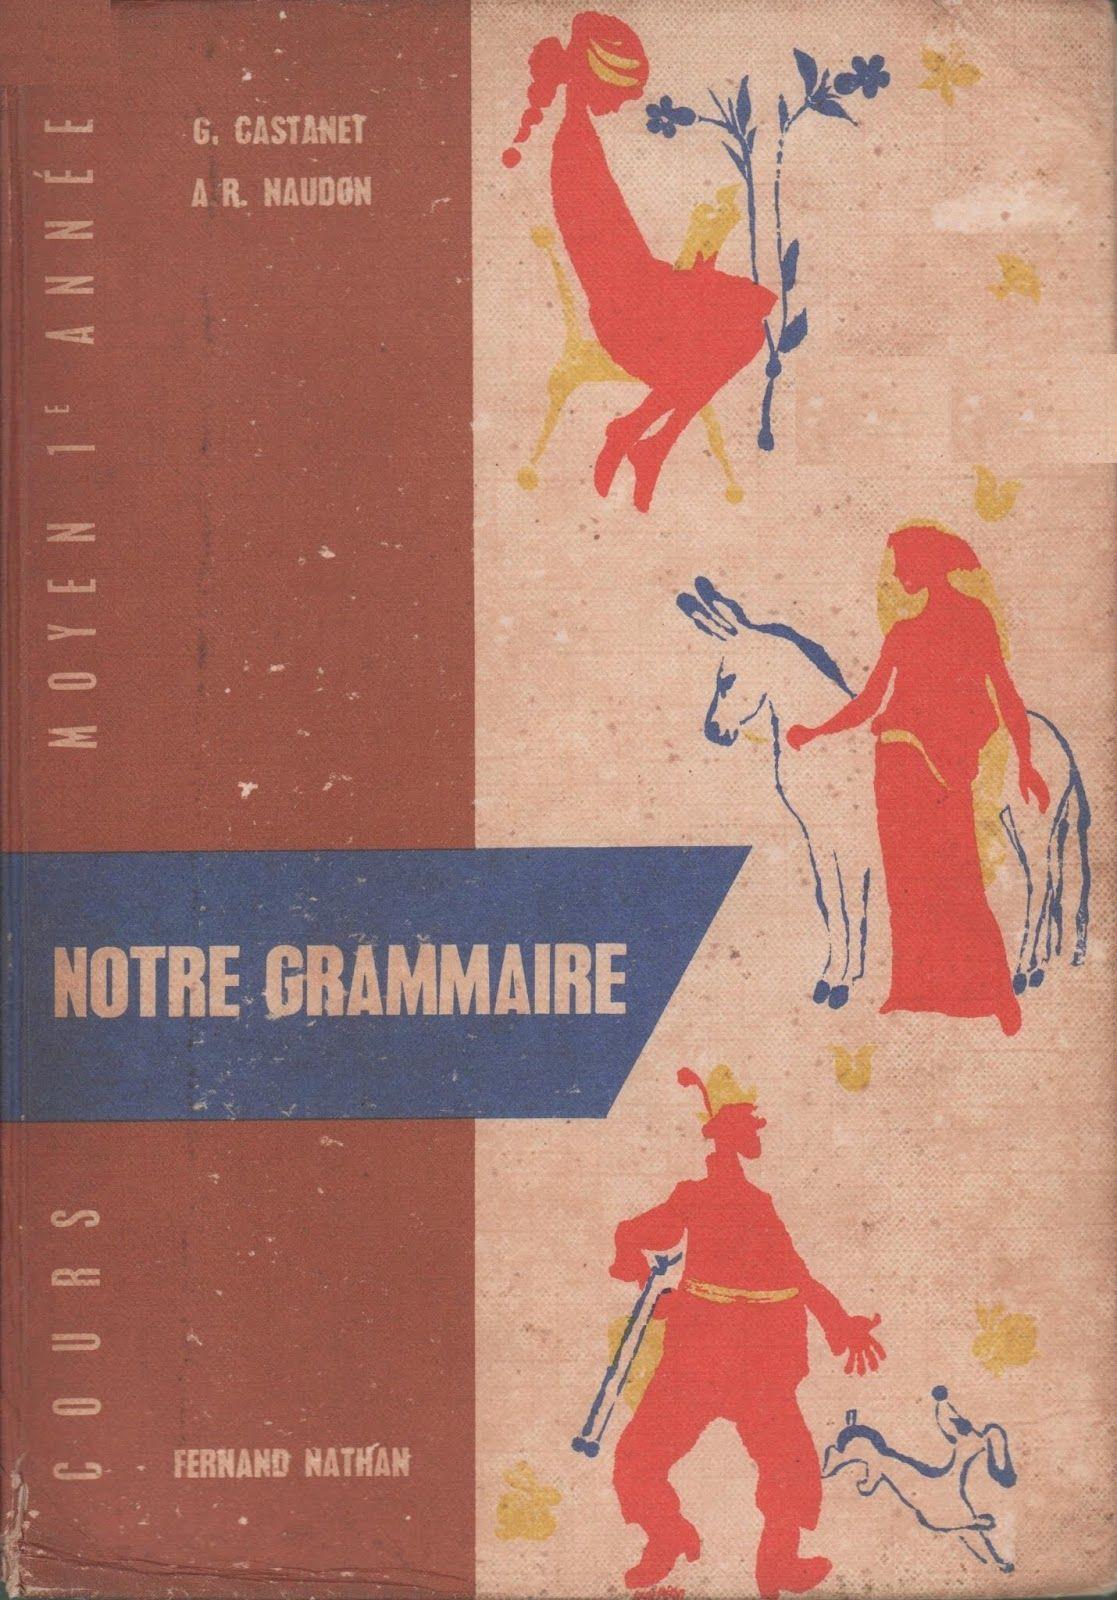 Castanet Naudon Notre Grammaire Cm1 1959 Fernand